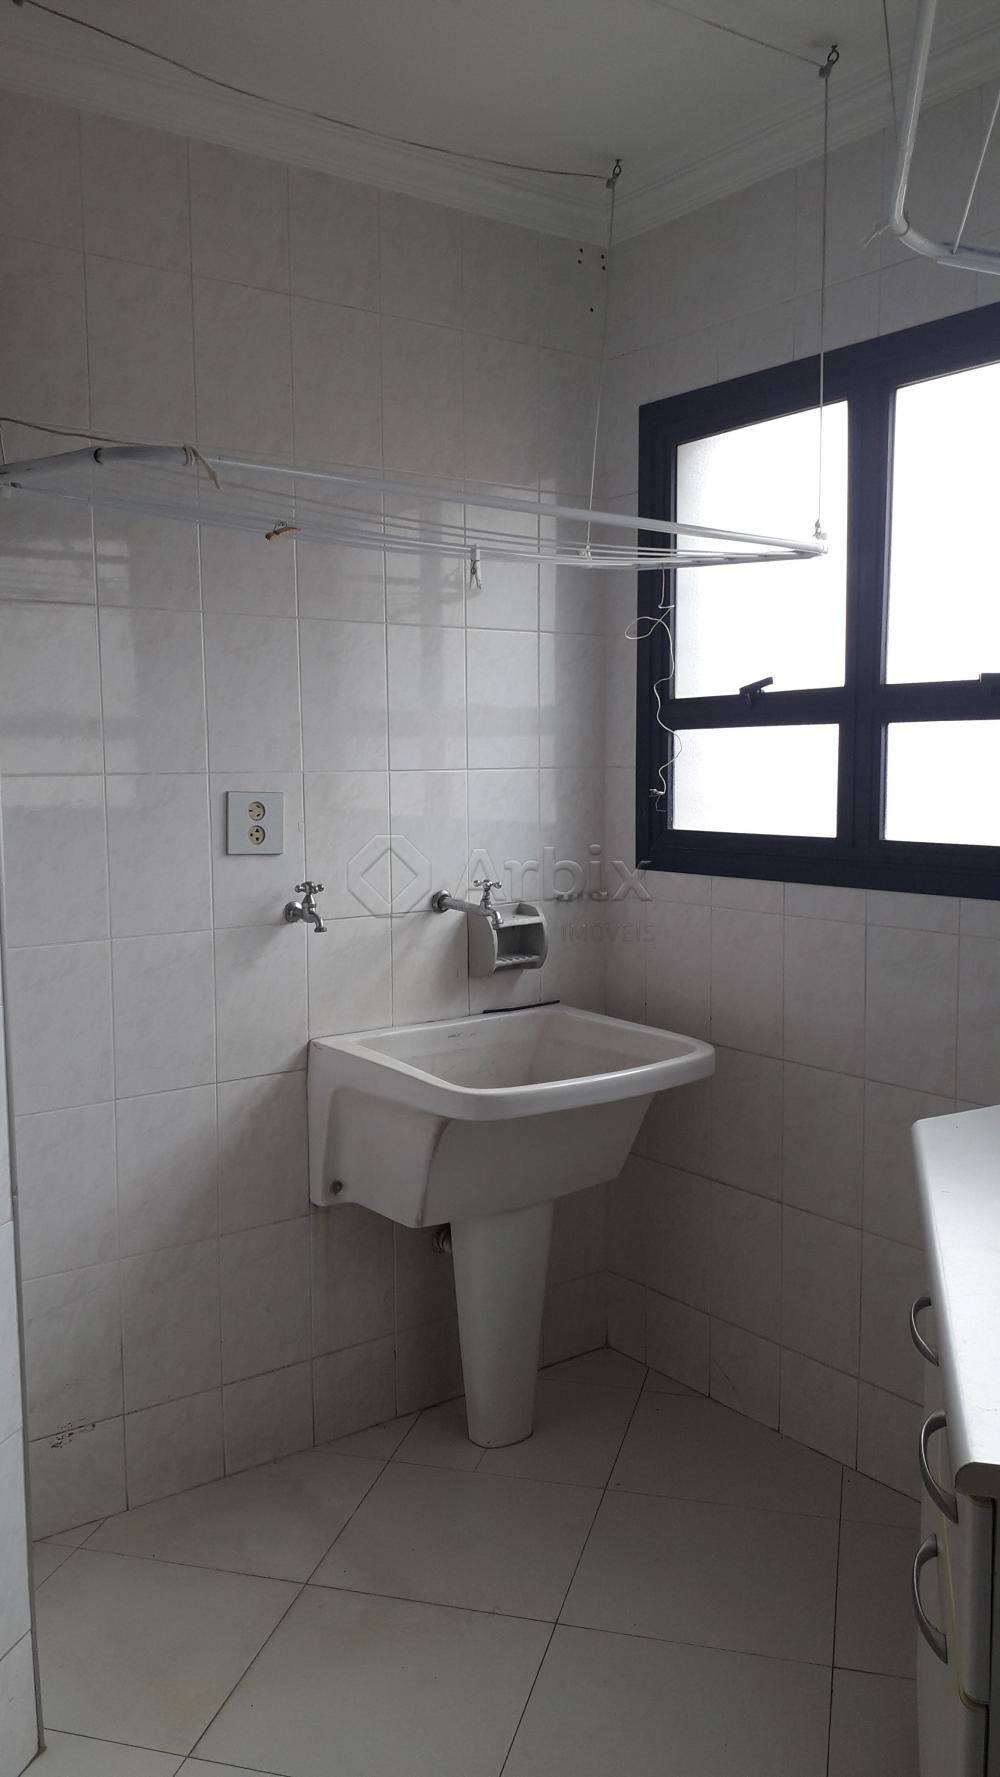 Alugar Apartamento / Padrão em Americana apenas R$ 1.200,00 - Foto 7